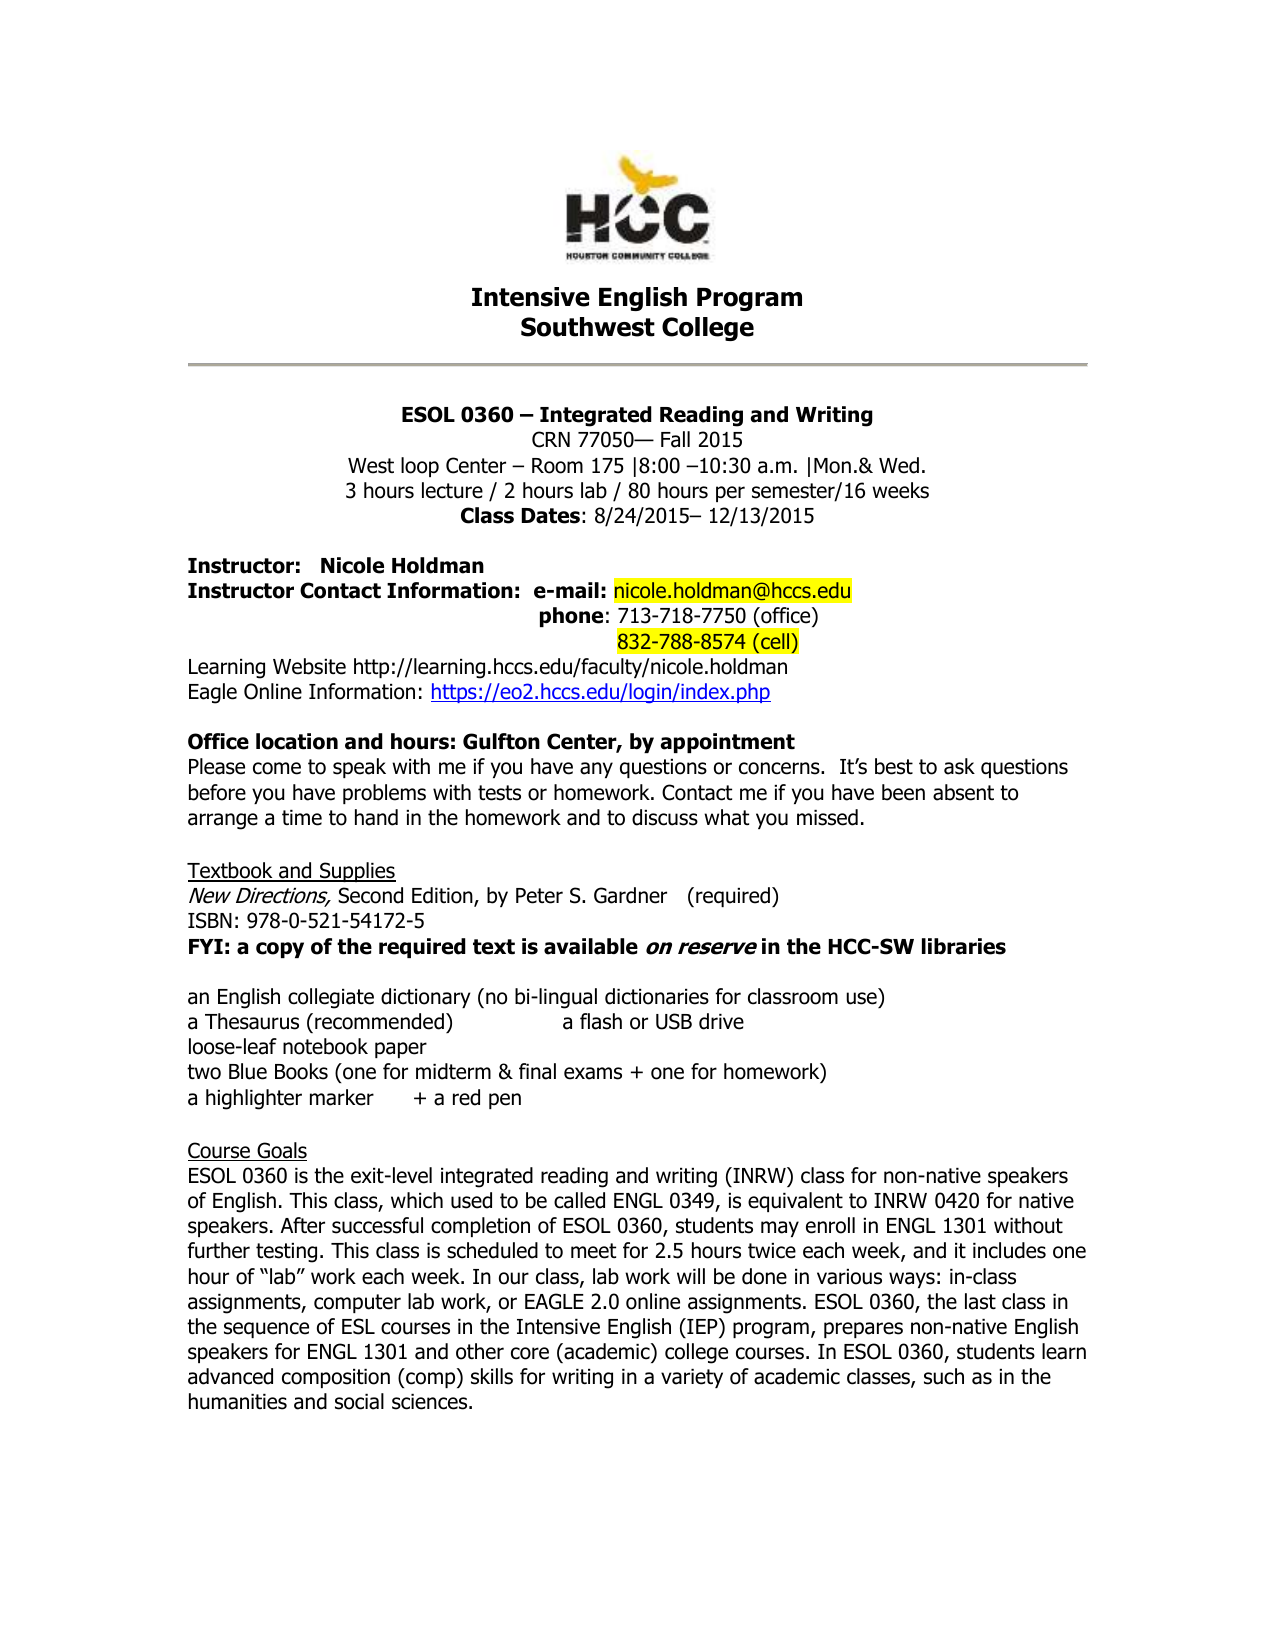 Holdman_MW fall 2015 ESOL 0360 Syl.doc